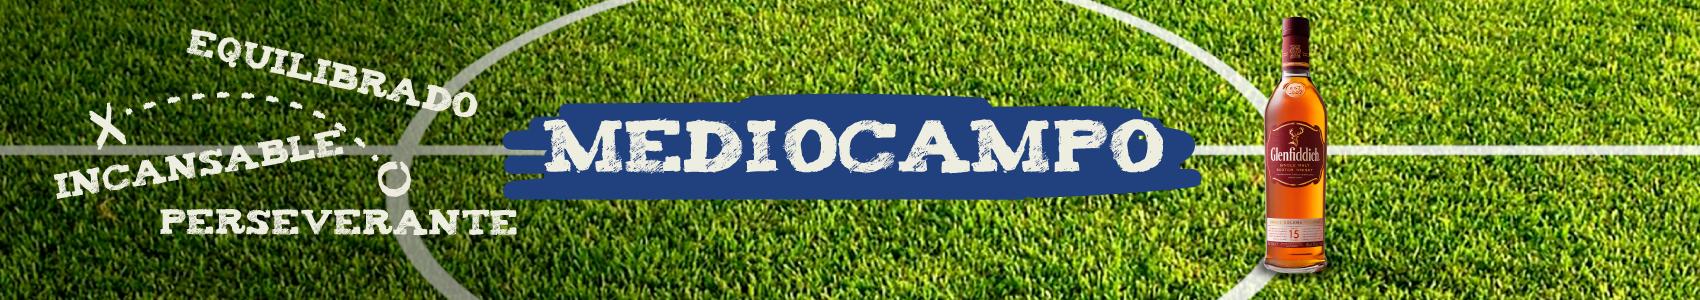 Banner Medio